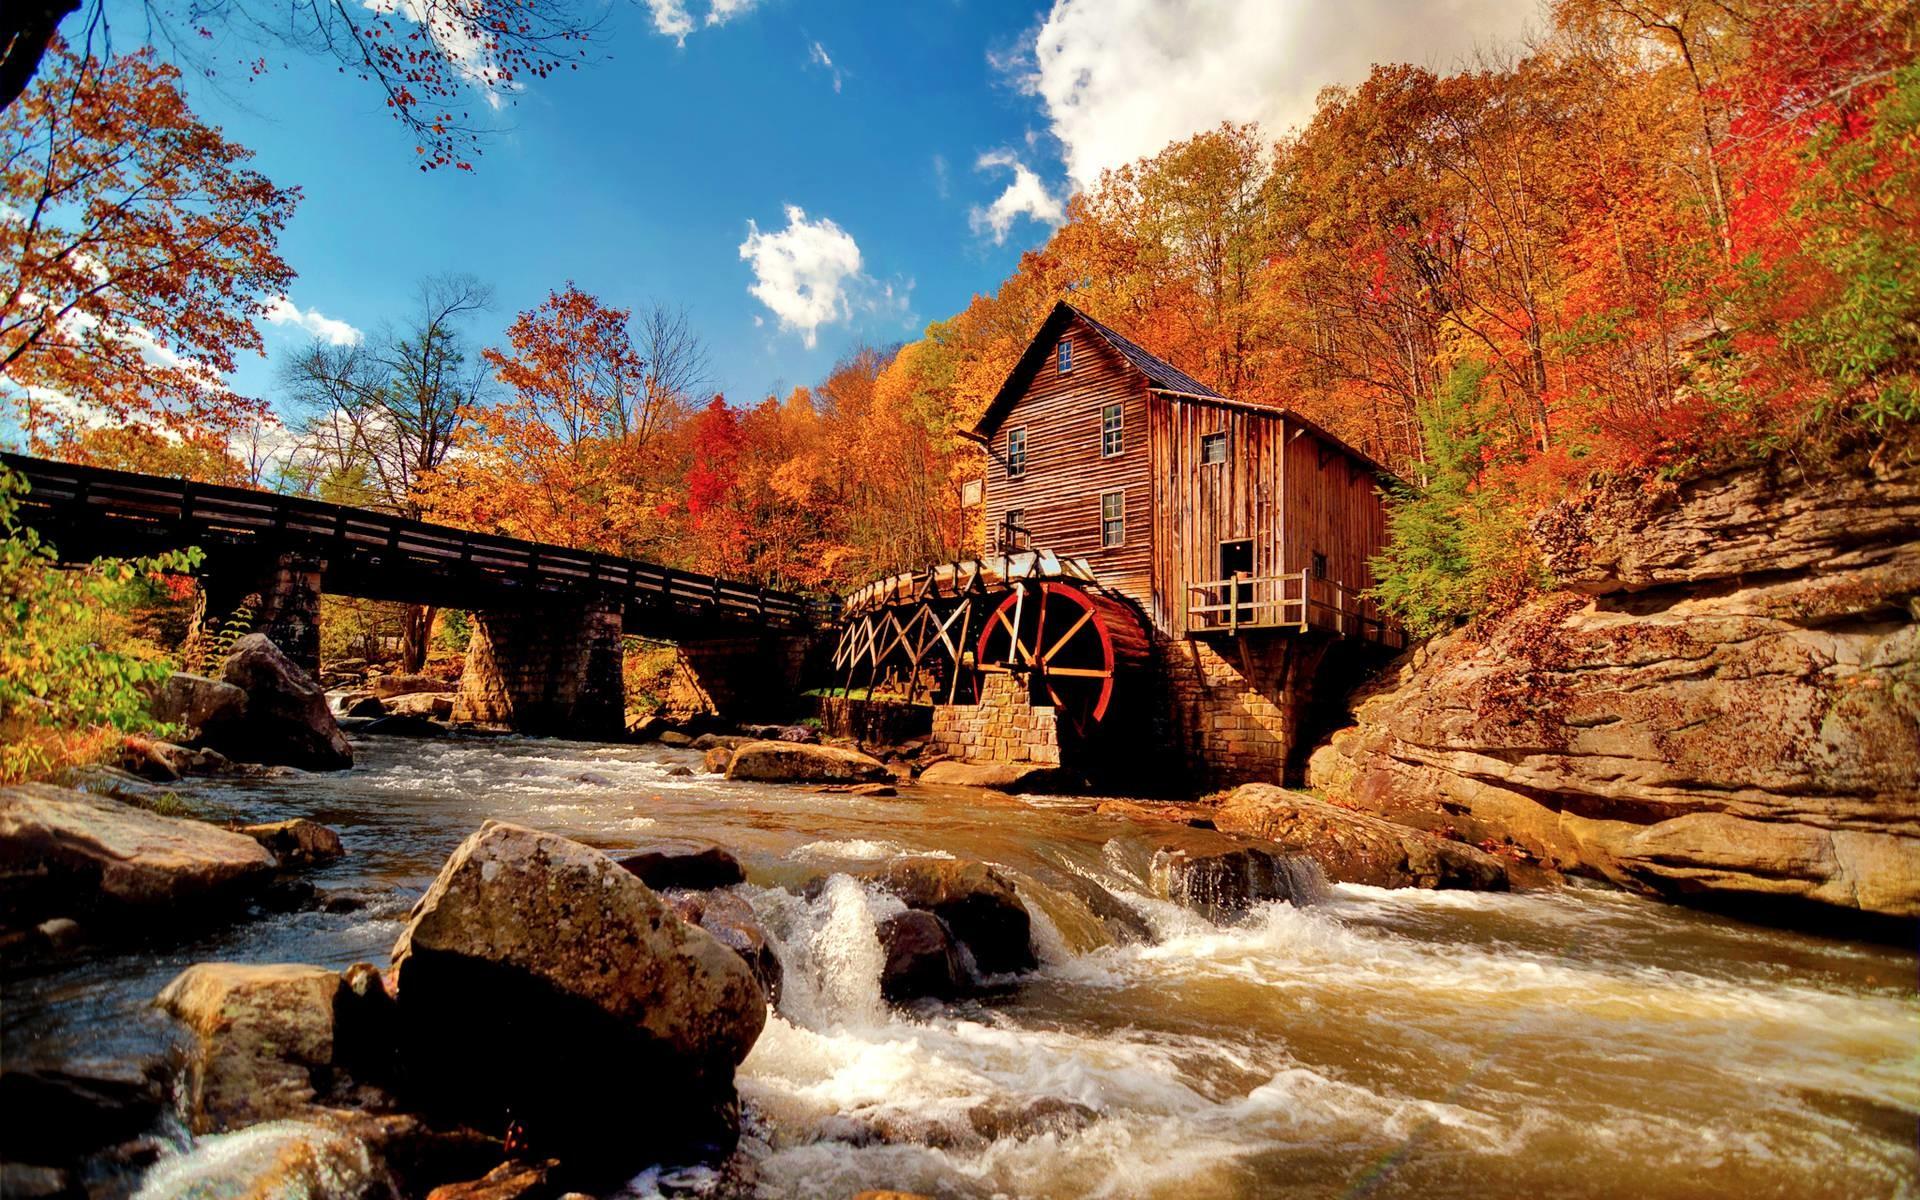 Beautiful Fall Desktop Wallpaper 74 Images